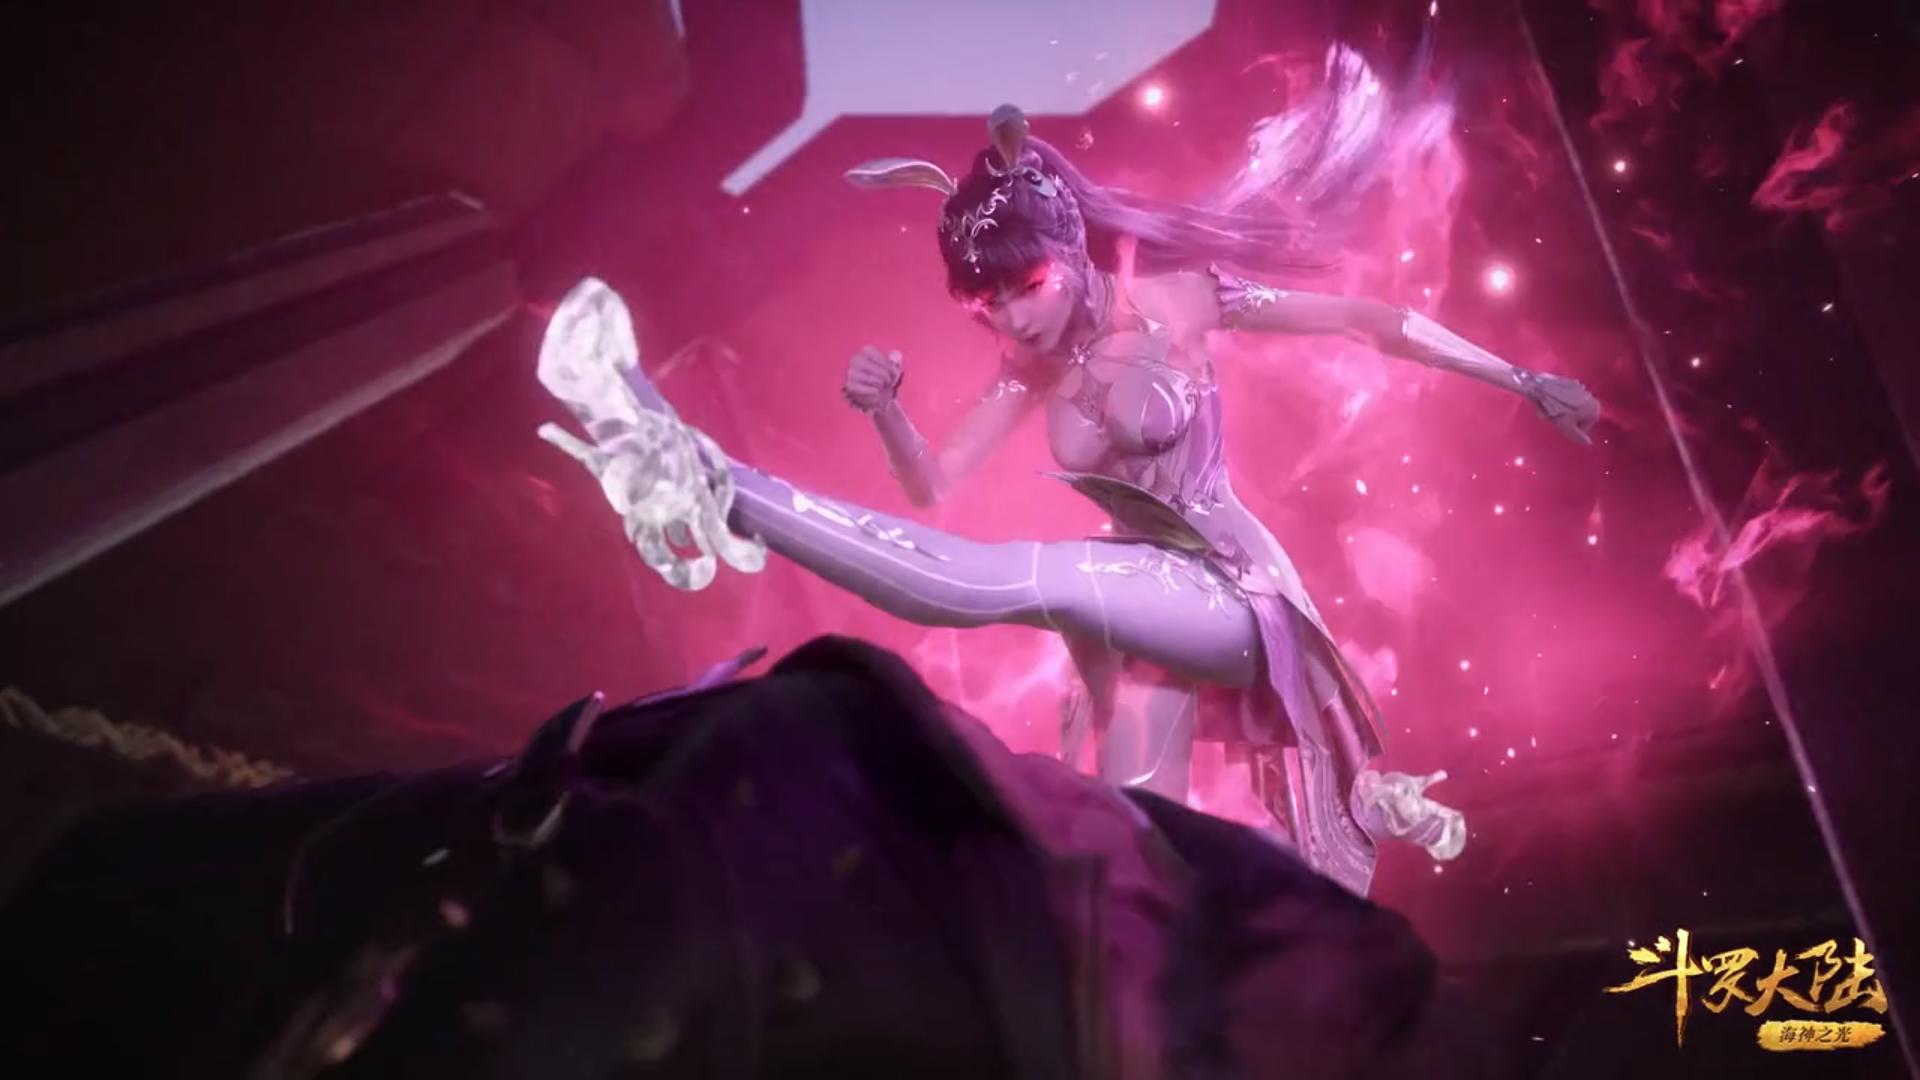 斗罗大陆:小舞获得了肉体,可以自由活动,这算是复活了吗?